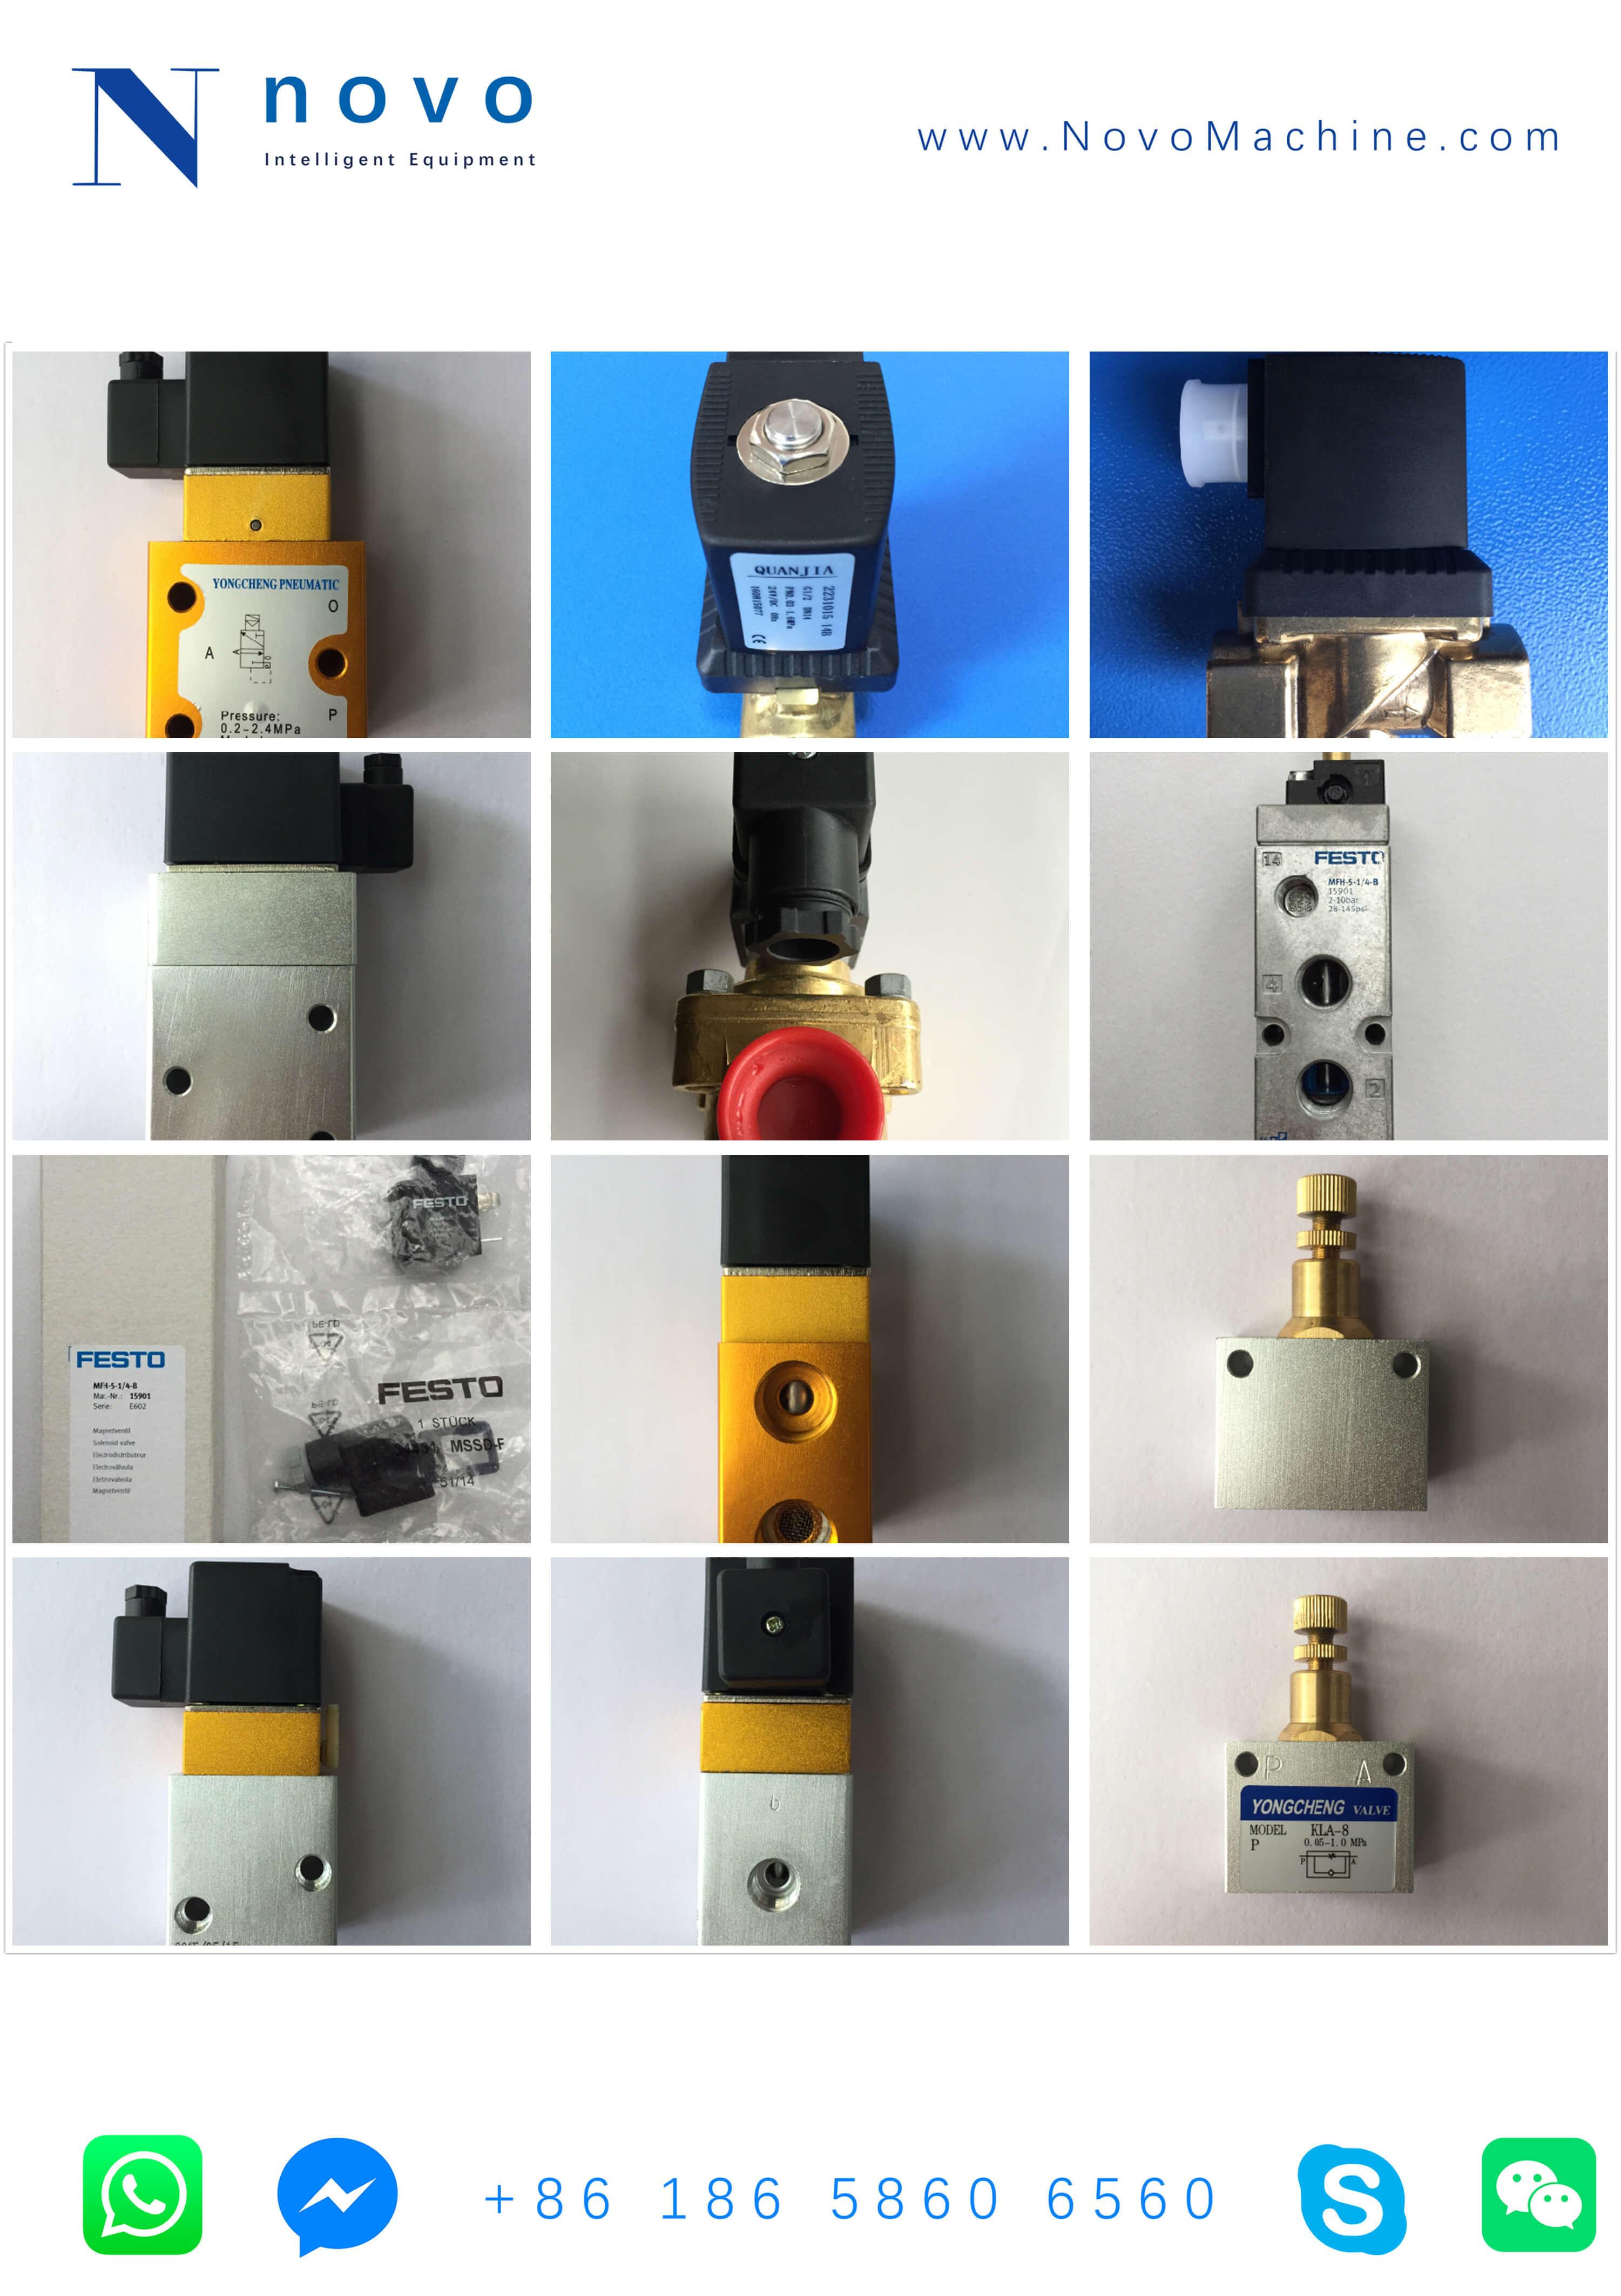 Solenoid-Valve-Spare-parts-for-Novo-PET-bottle-blow-moulding-machine